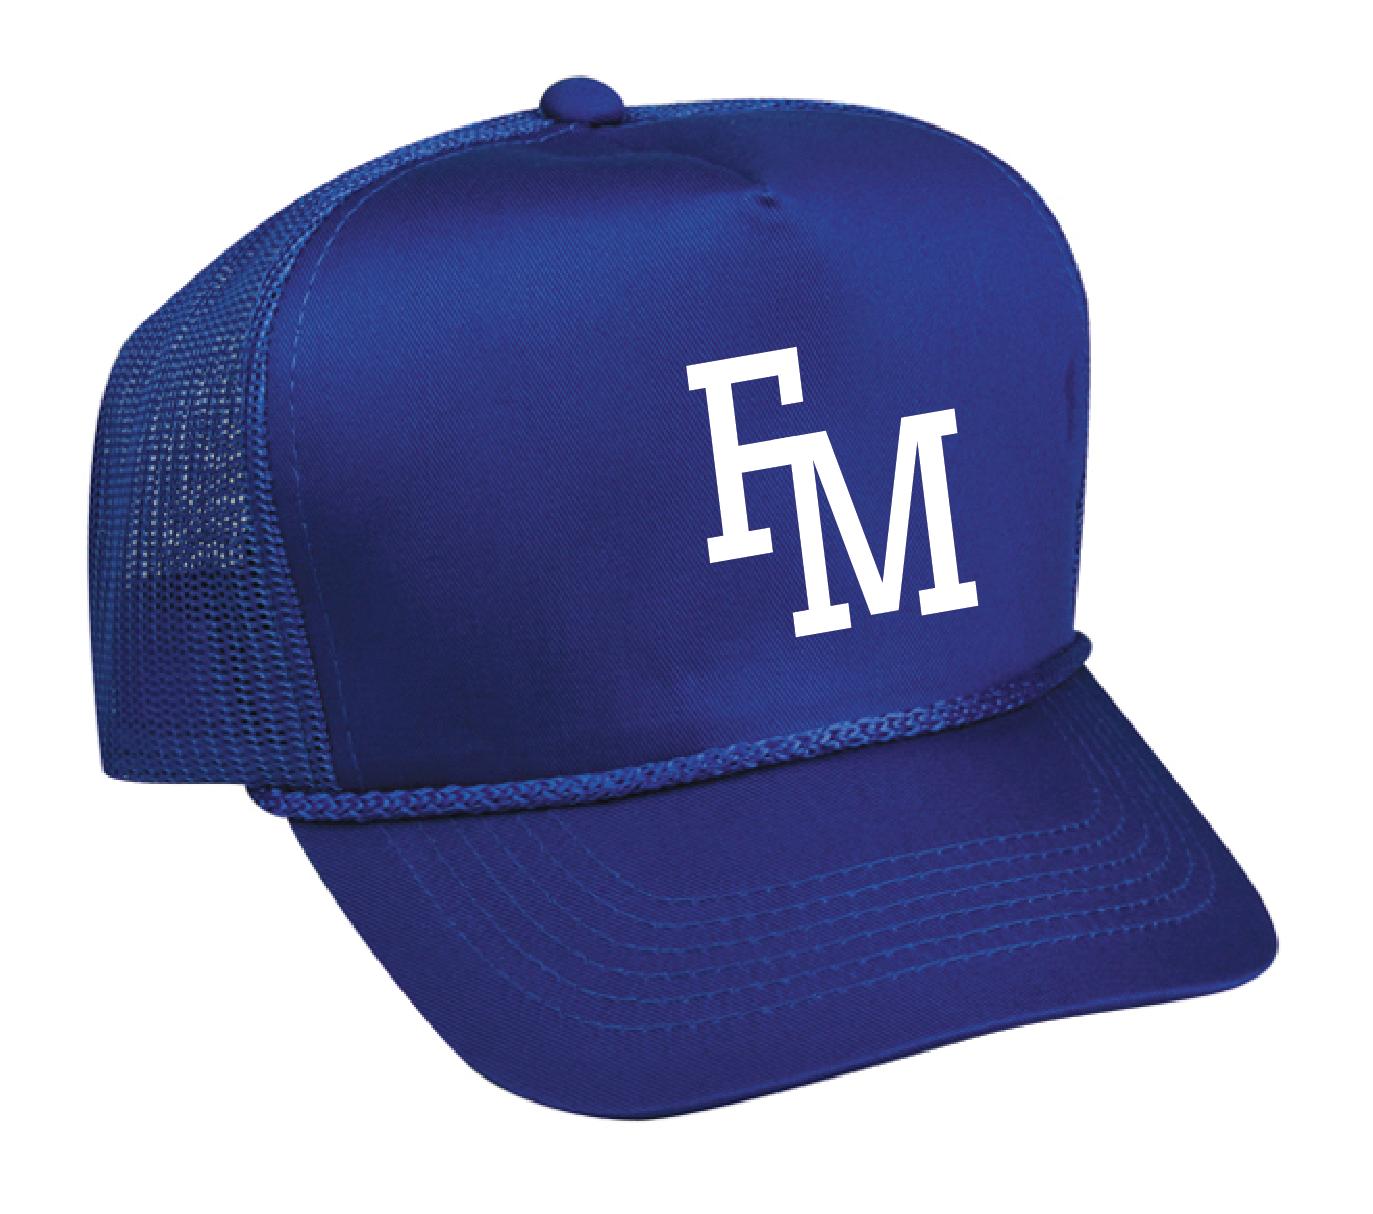 FMR Dodgers hat-06.png